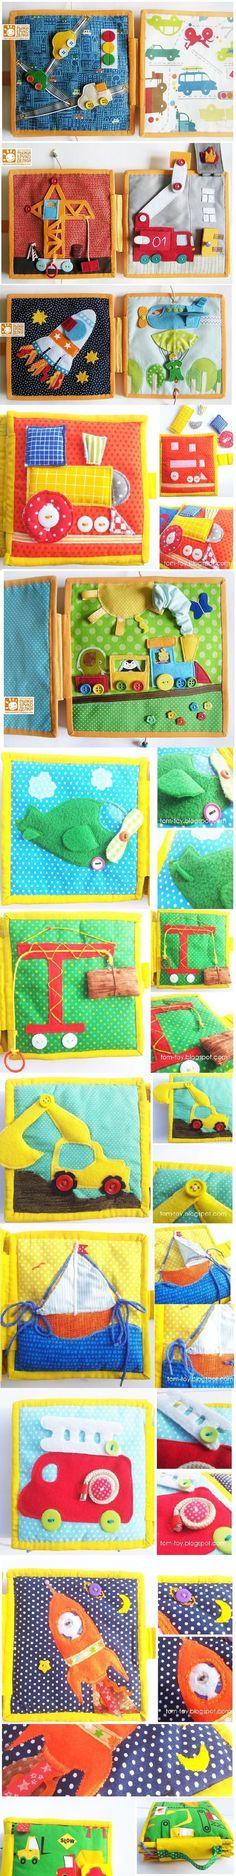 Quiet book (ou livro sensorial em português) é um livrinho para crianças feito de feltro ou pano, com atividades para desenvolver a coordenação motora fina e estimular os sentidos. Existem muitos ...